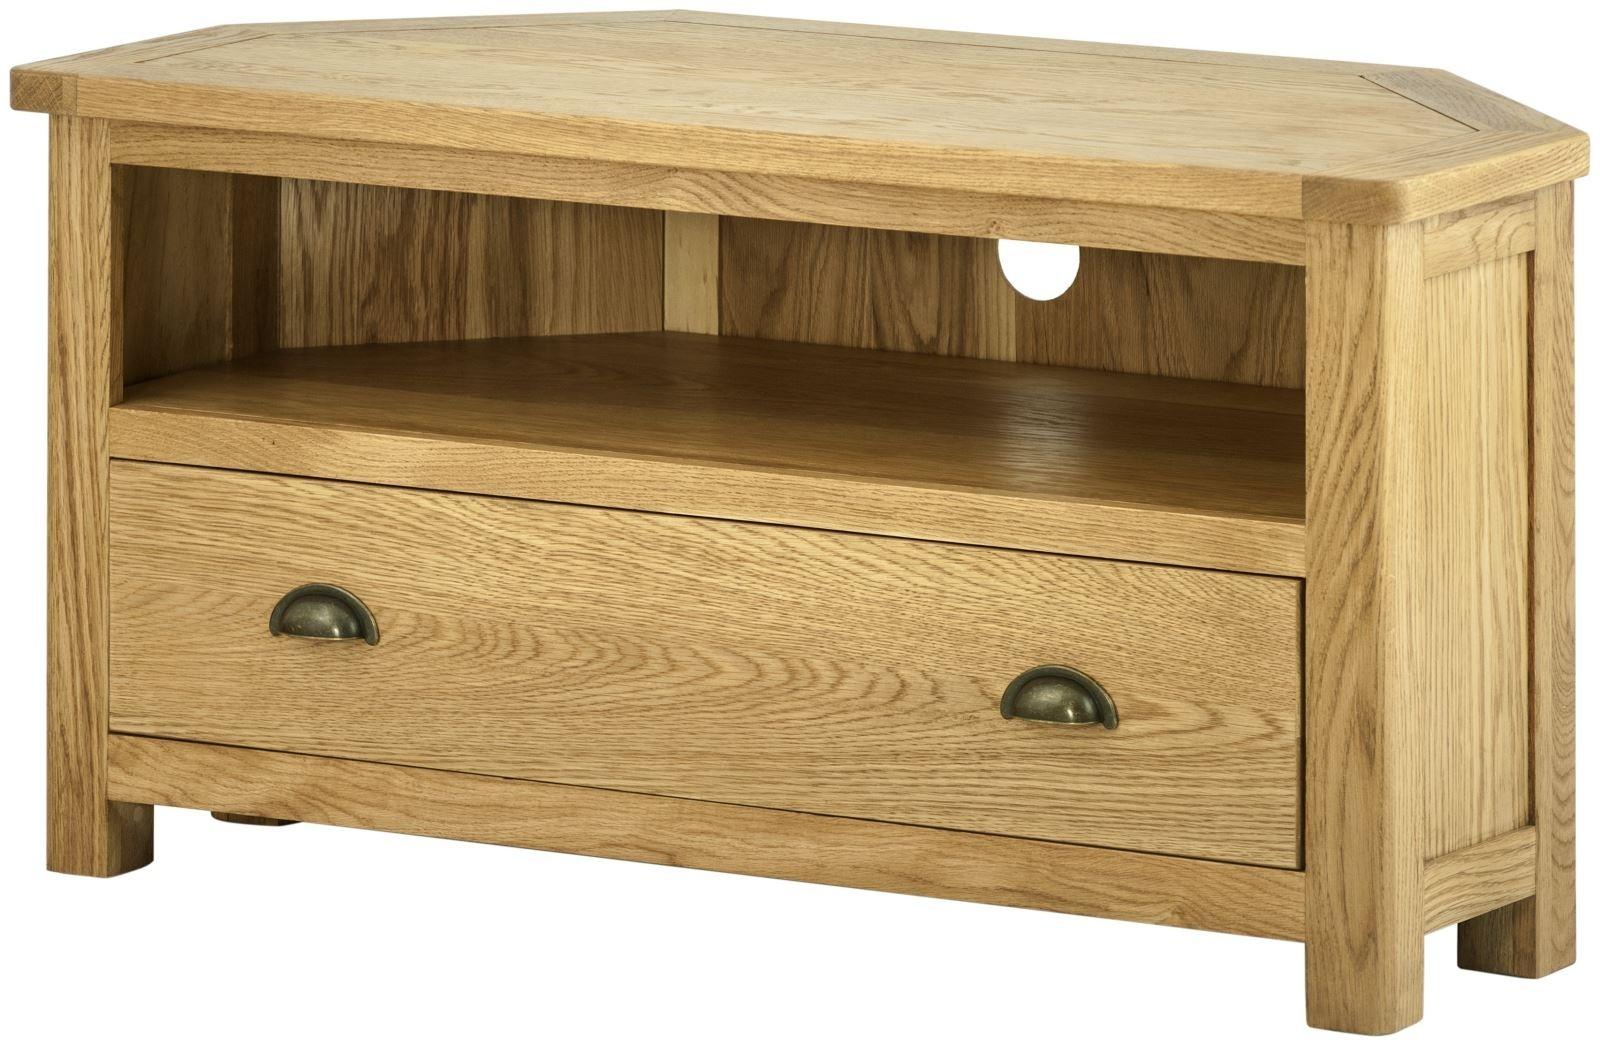 Portland Oak TV Cabinet - 1 Drawer Corner